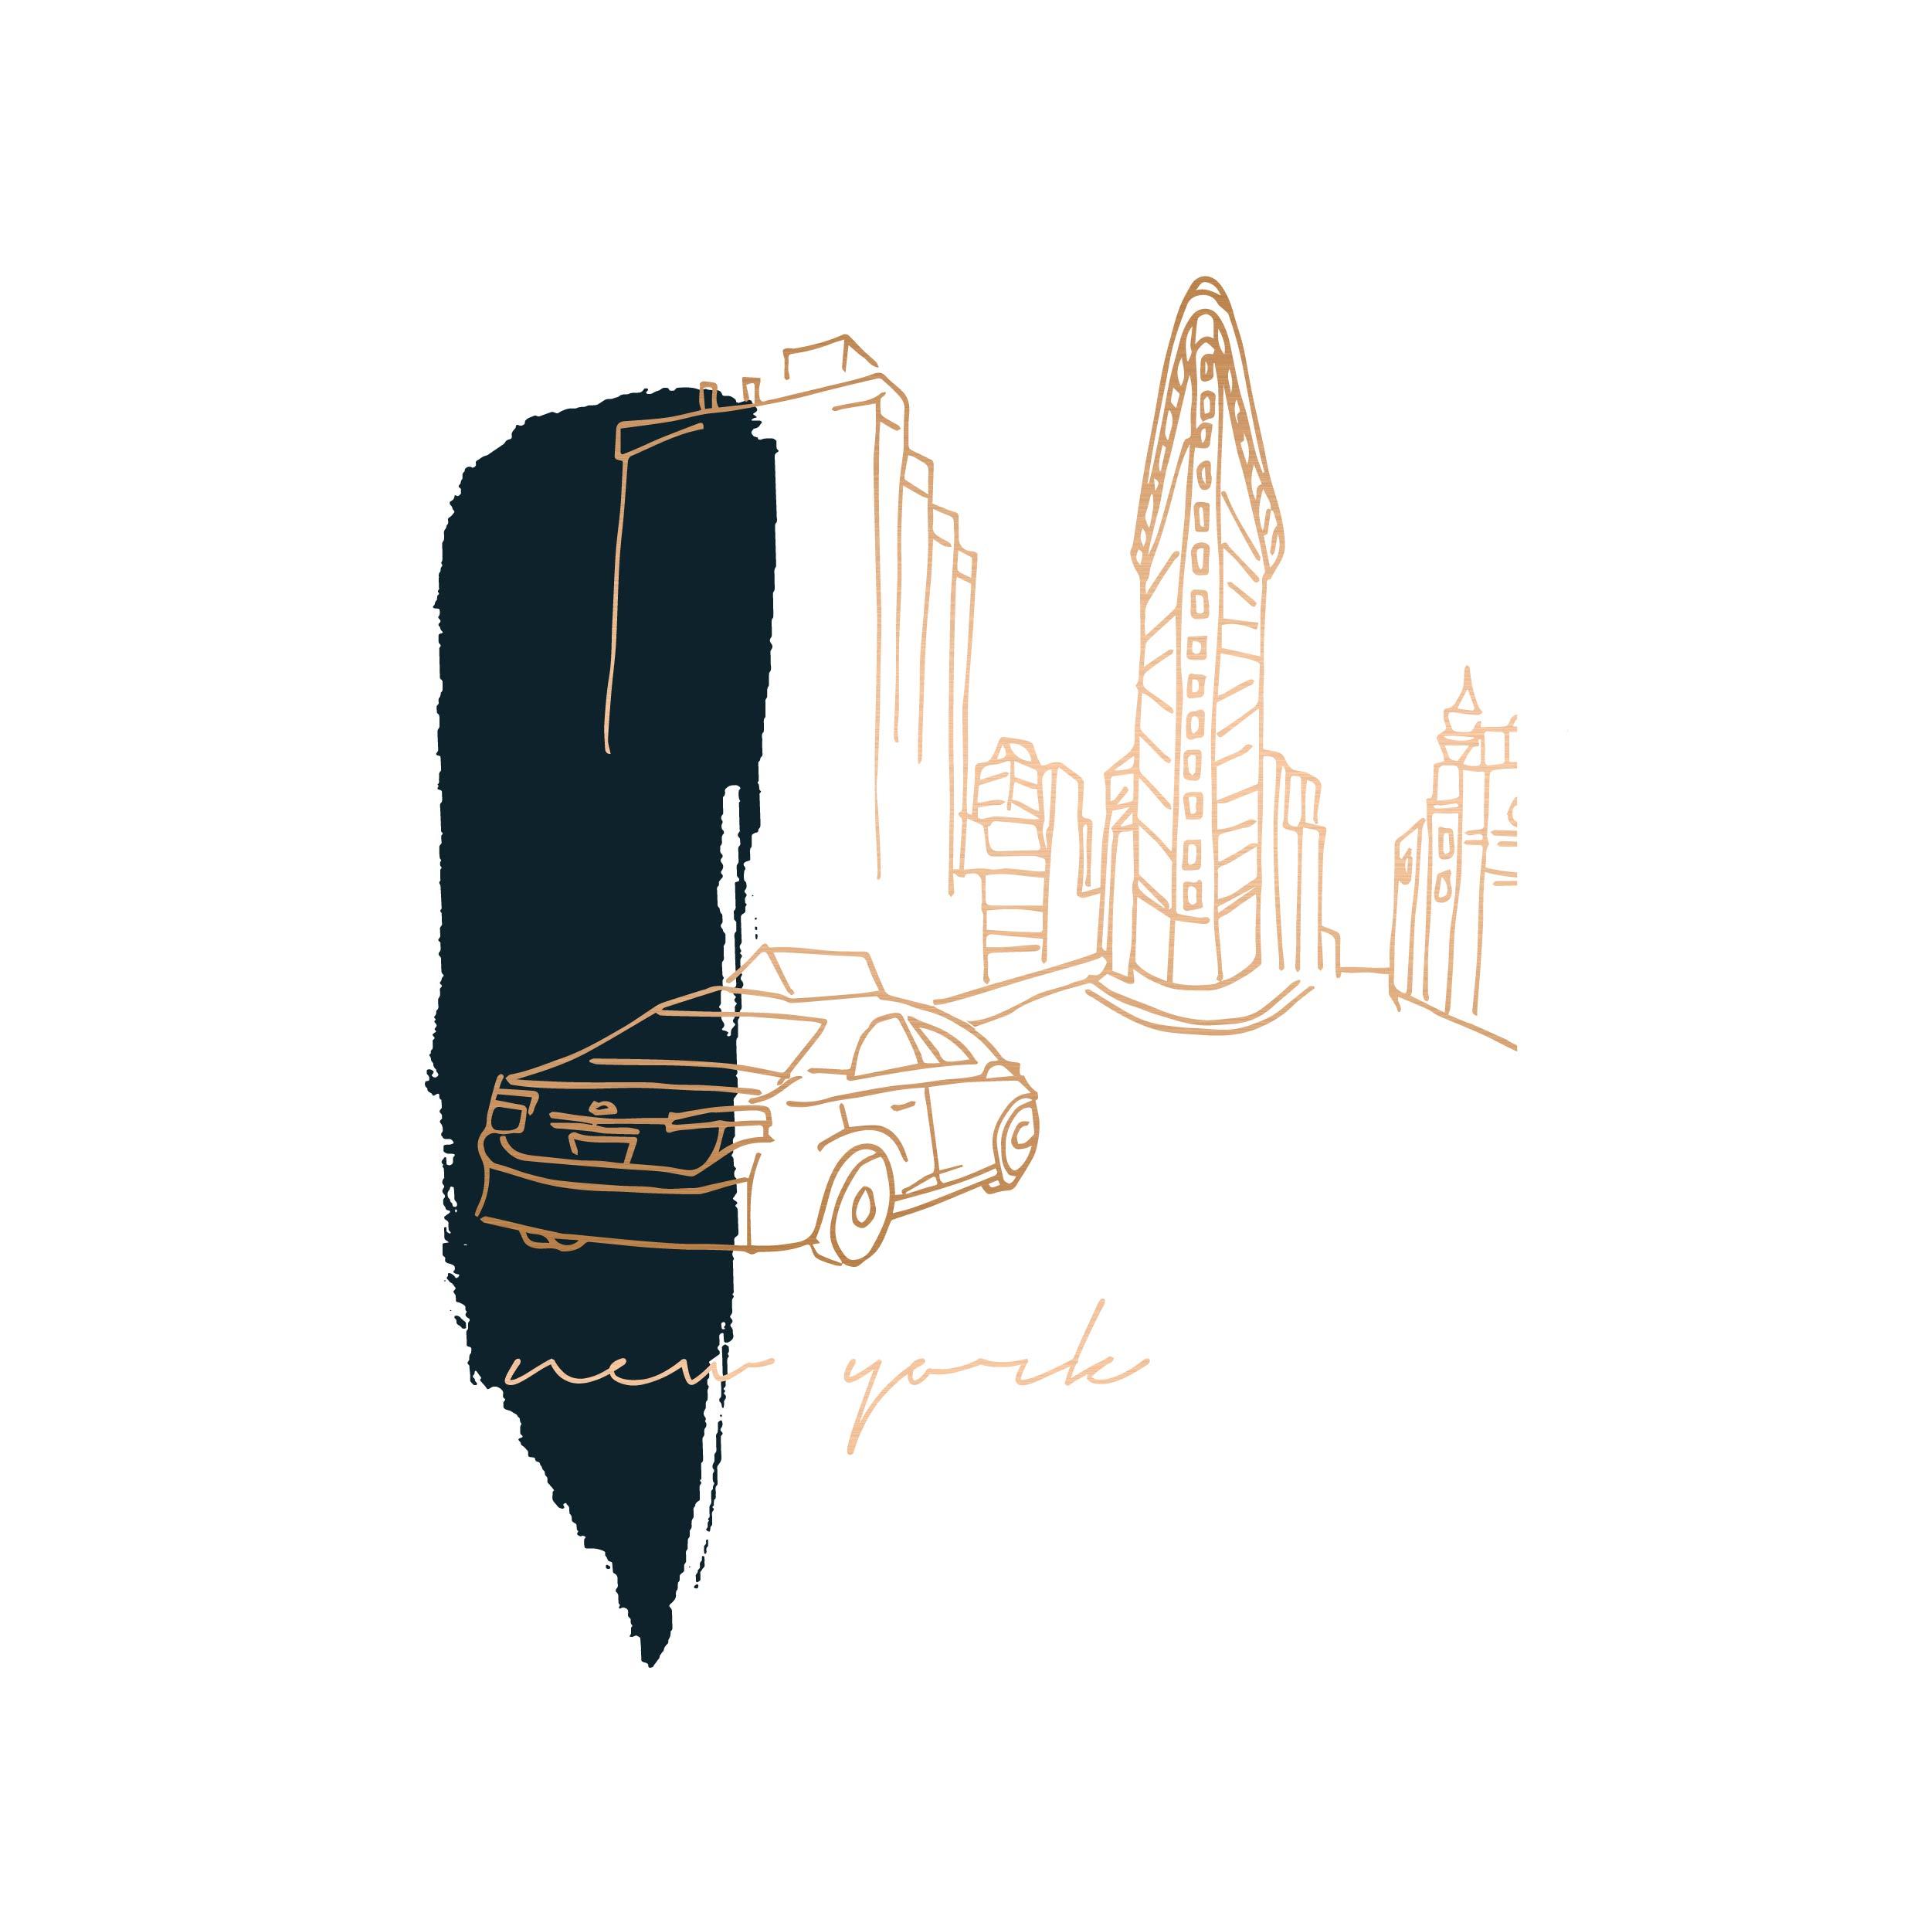 residences | ilustraçoes-04.jpg